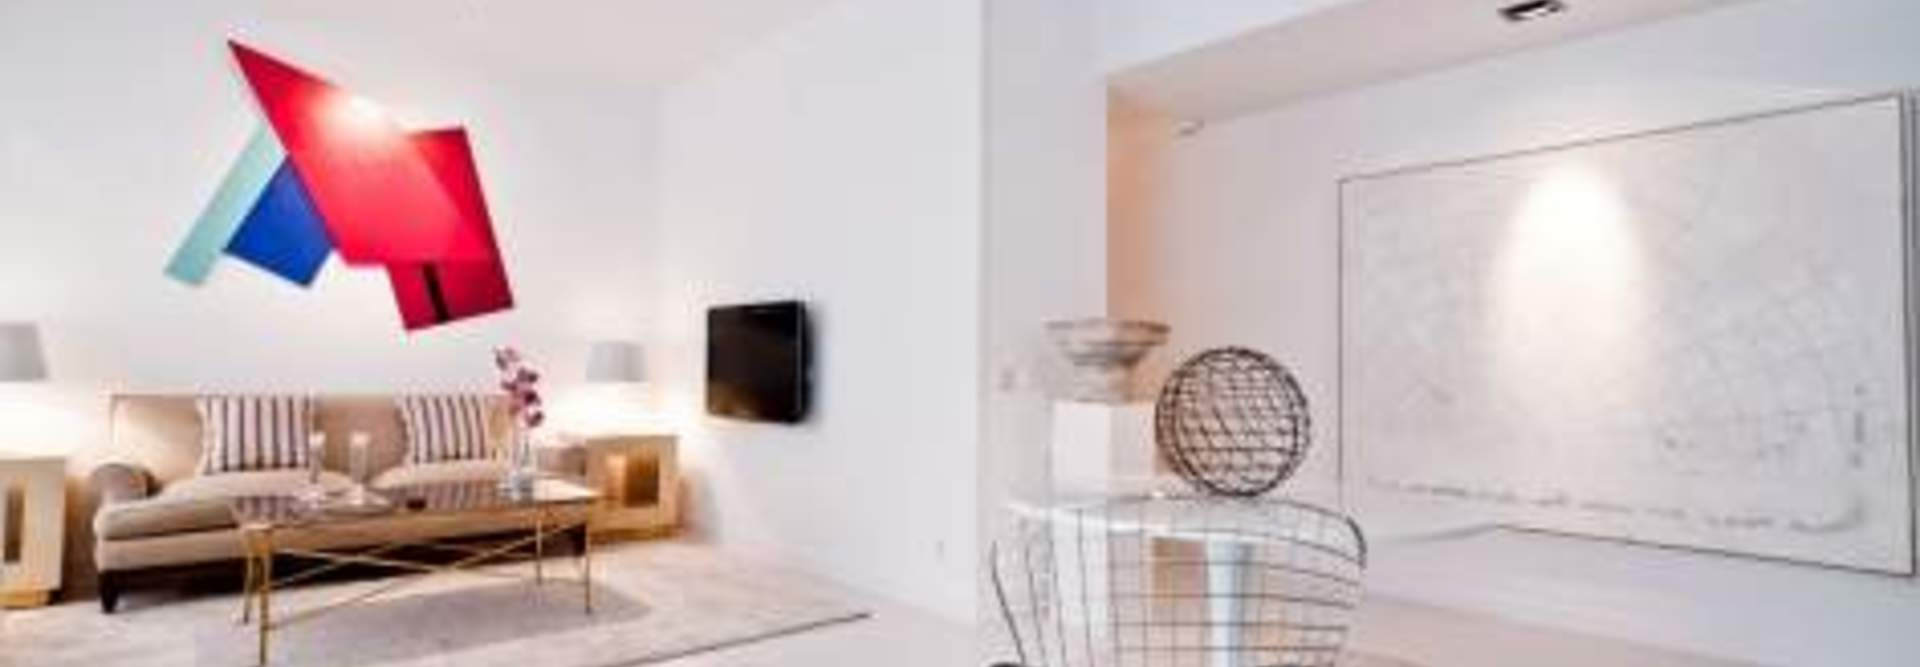 Alquiler de apartamentos en Madrid Barrio Salamanca